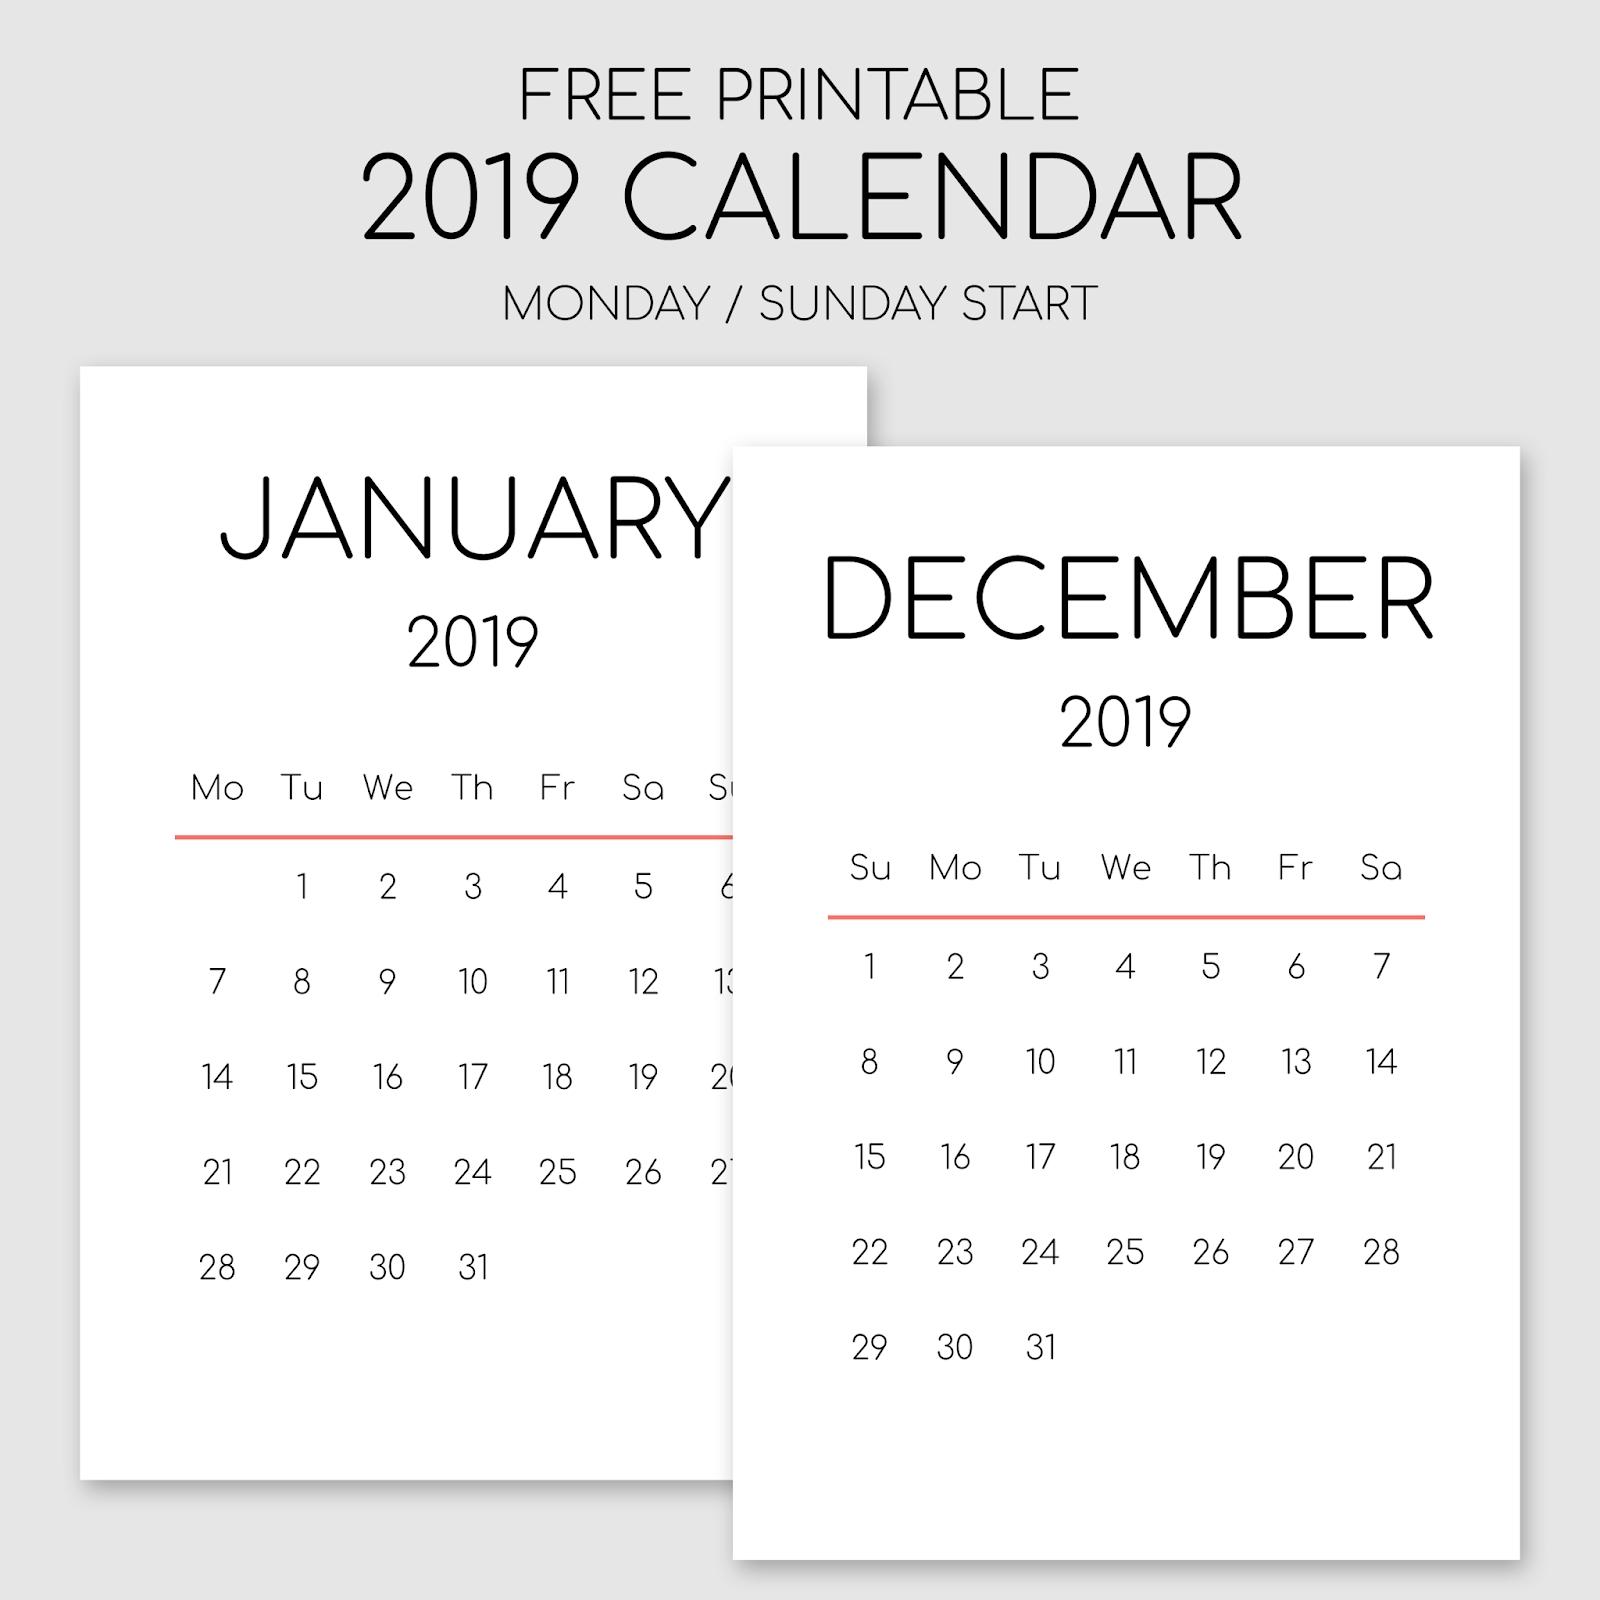 Printable 2019 Calendar - Portrait Orientation